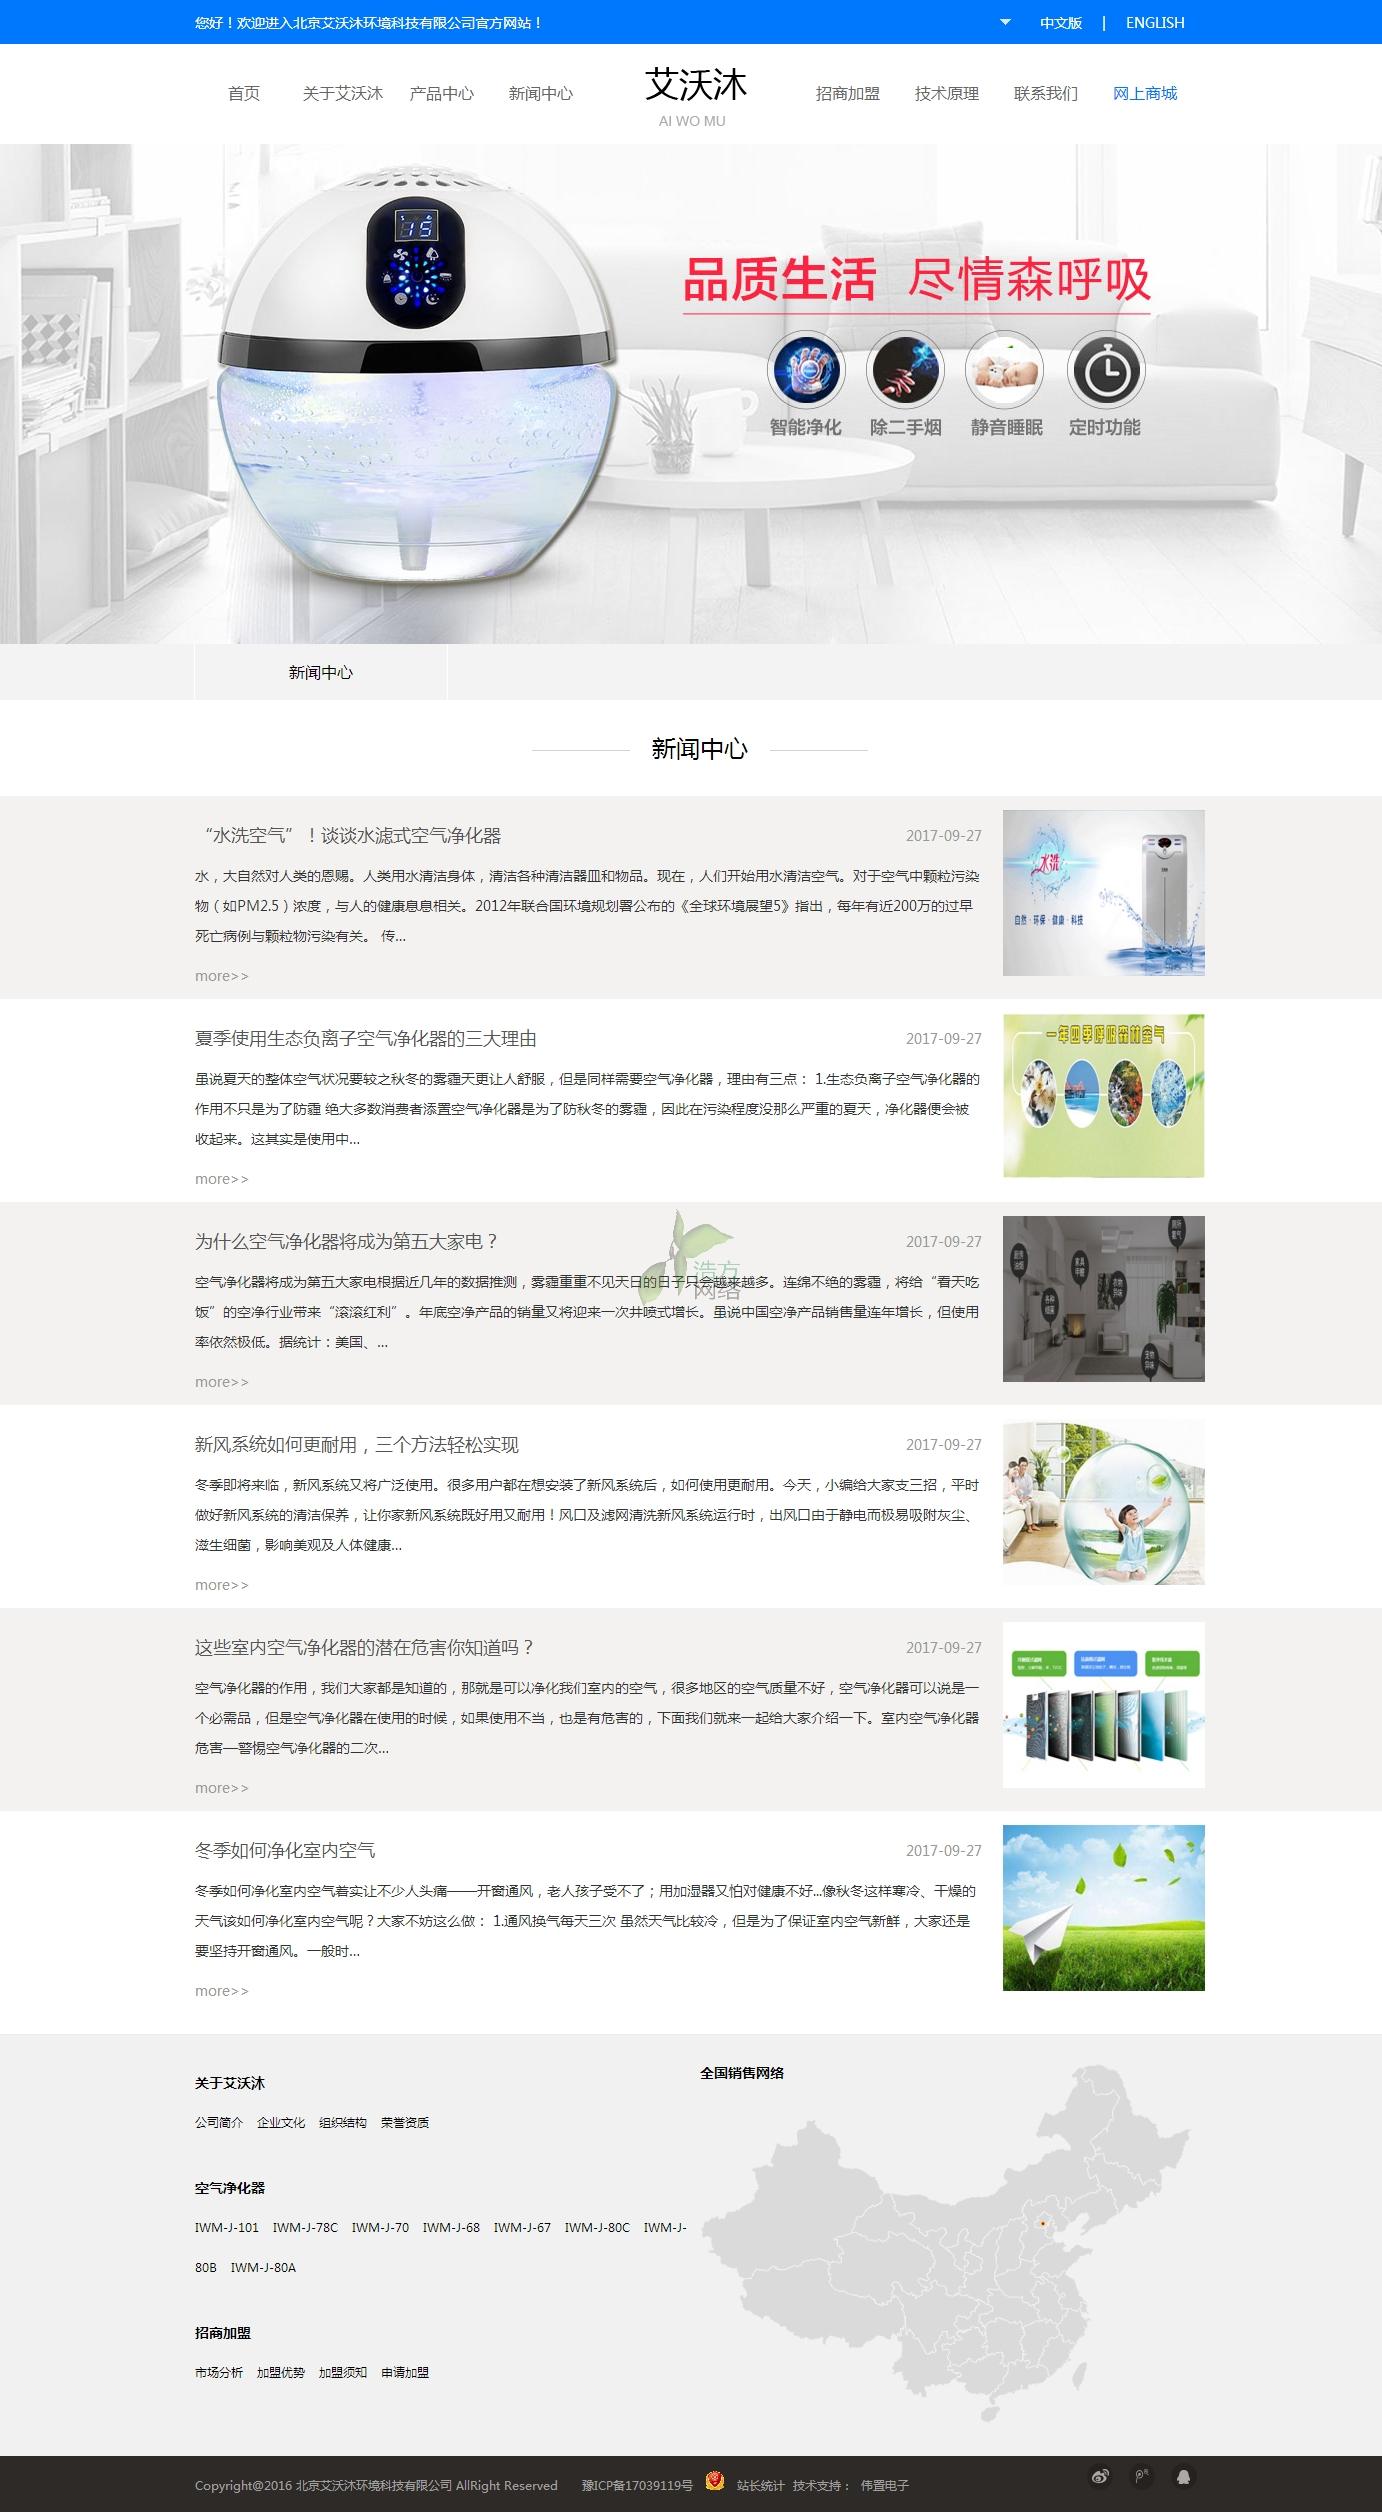 北京艾沃沐环境公司网站建设新闻中心展示板块